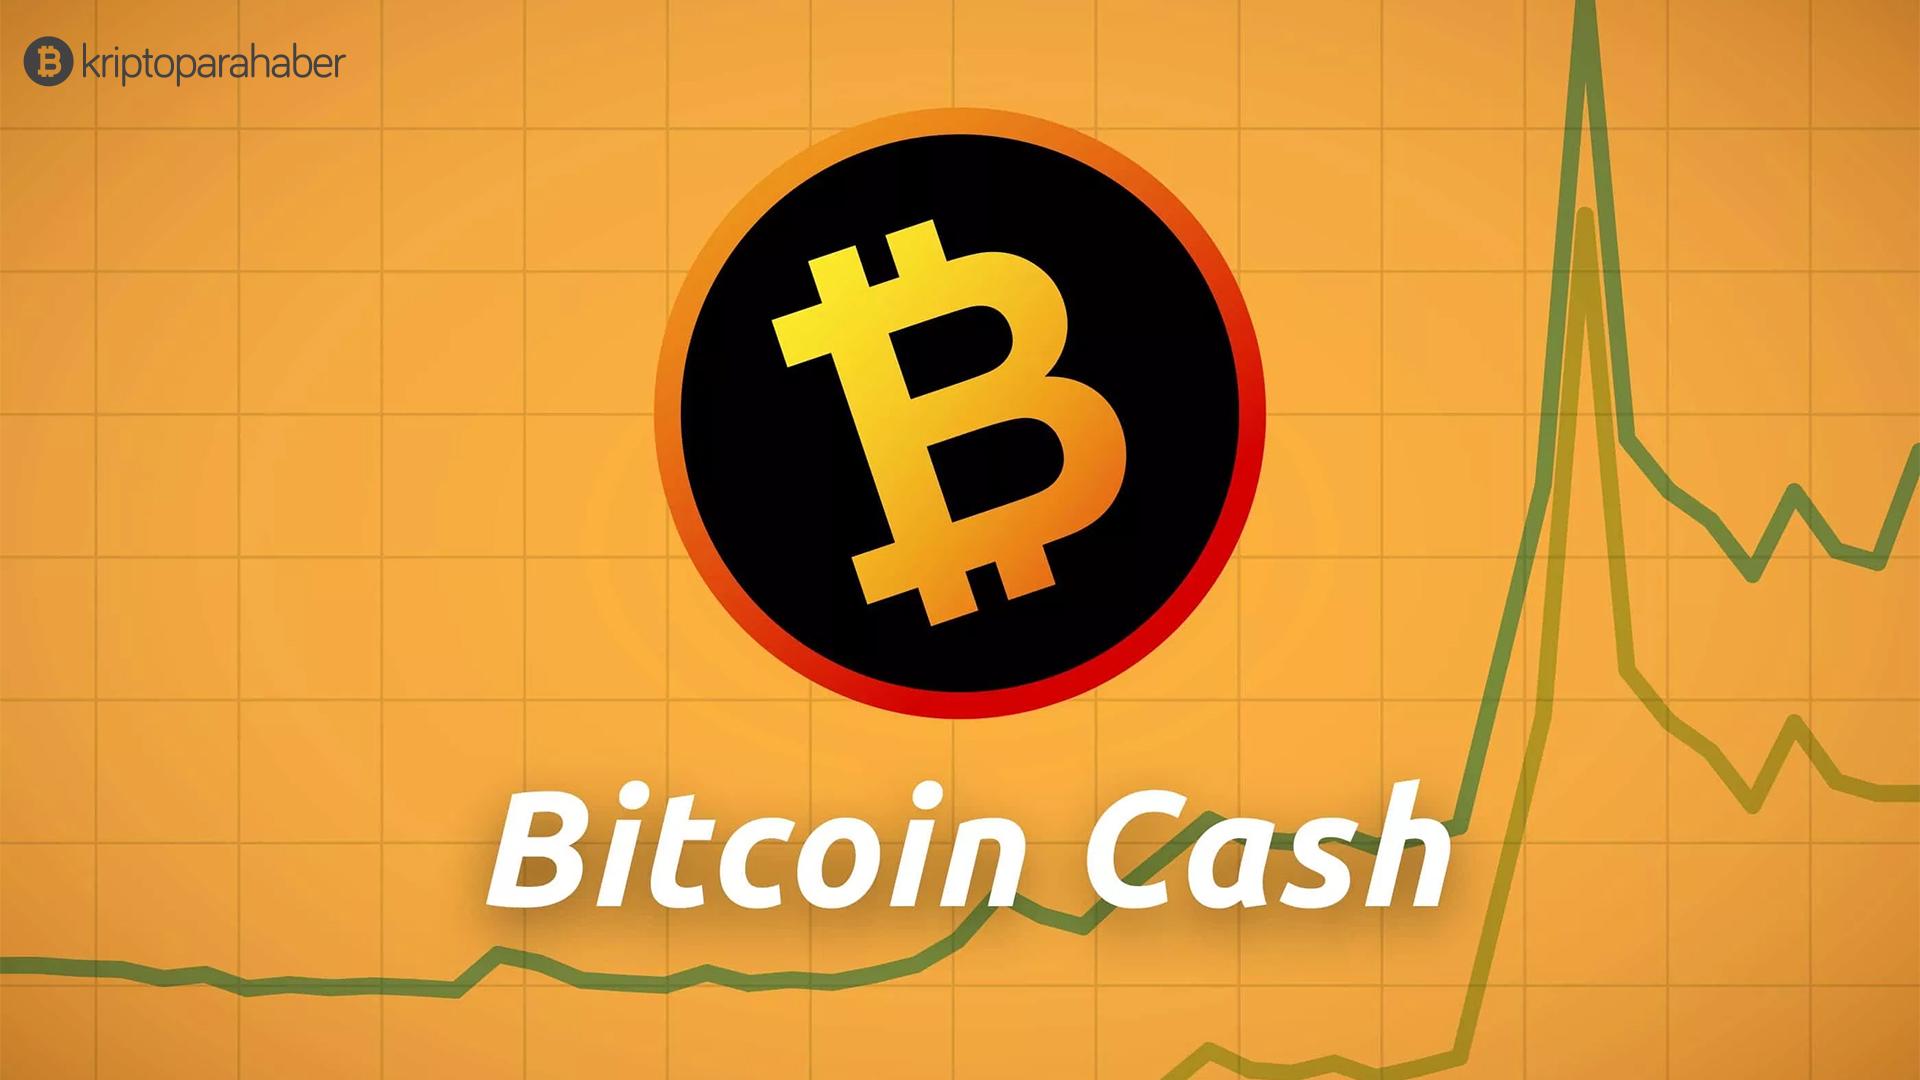 Bitcoin Cash fiyat analizi: BCH için izlenecek önemli seviyeler